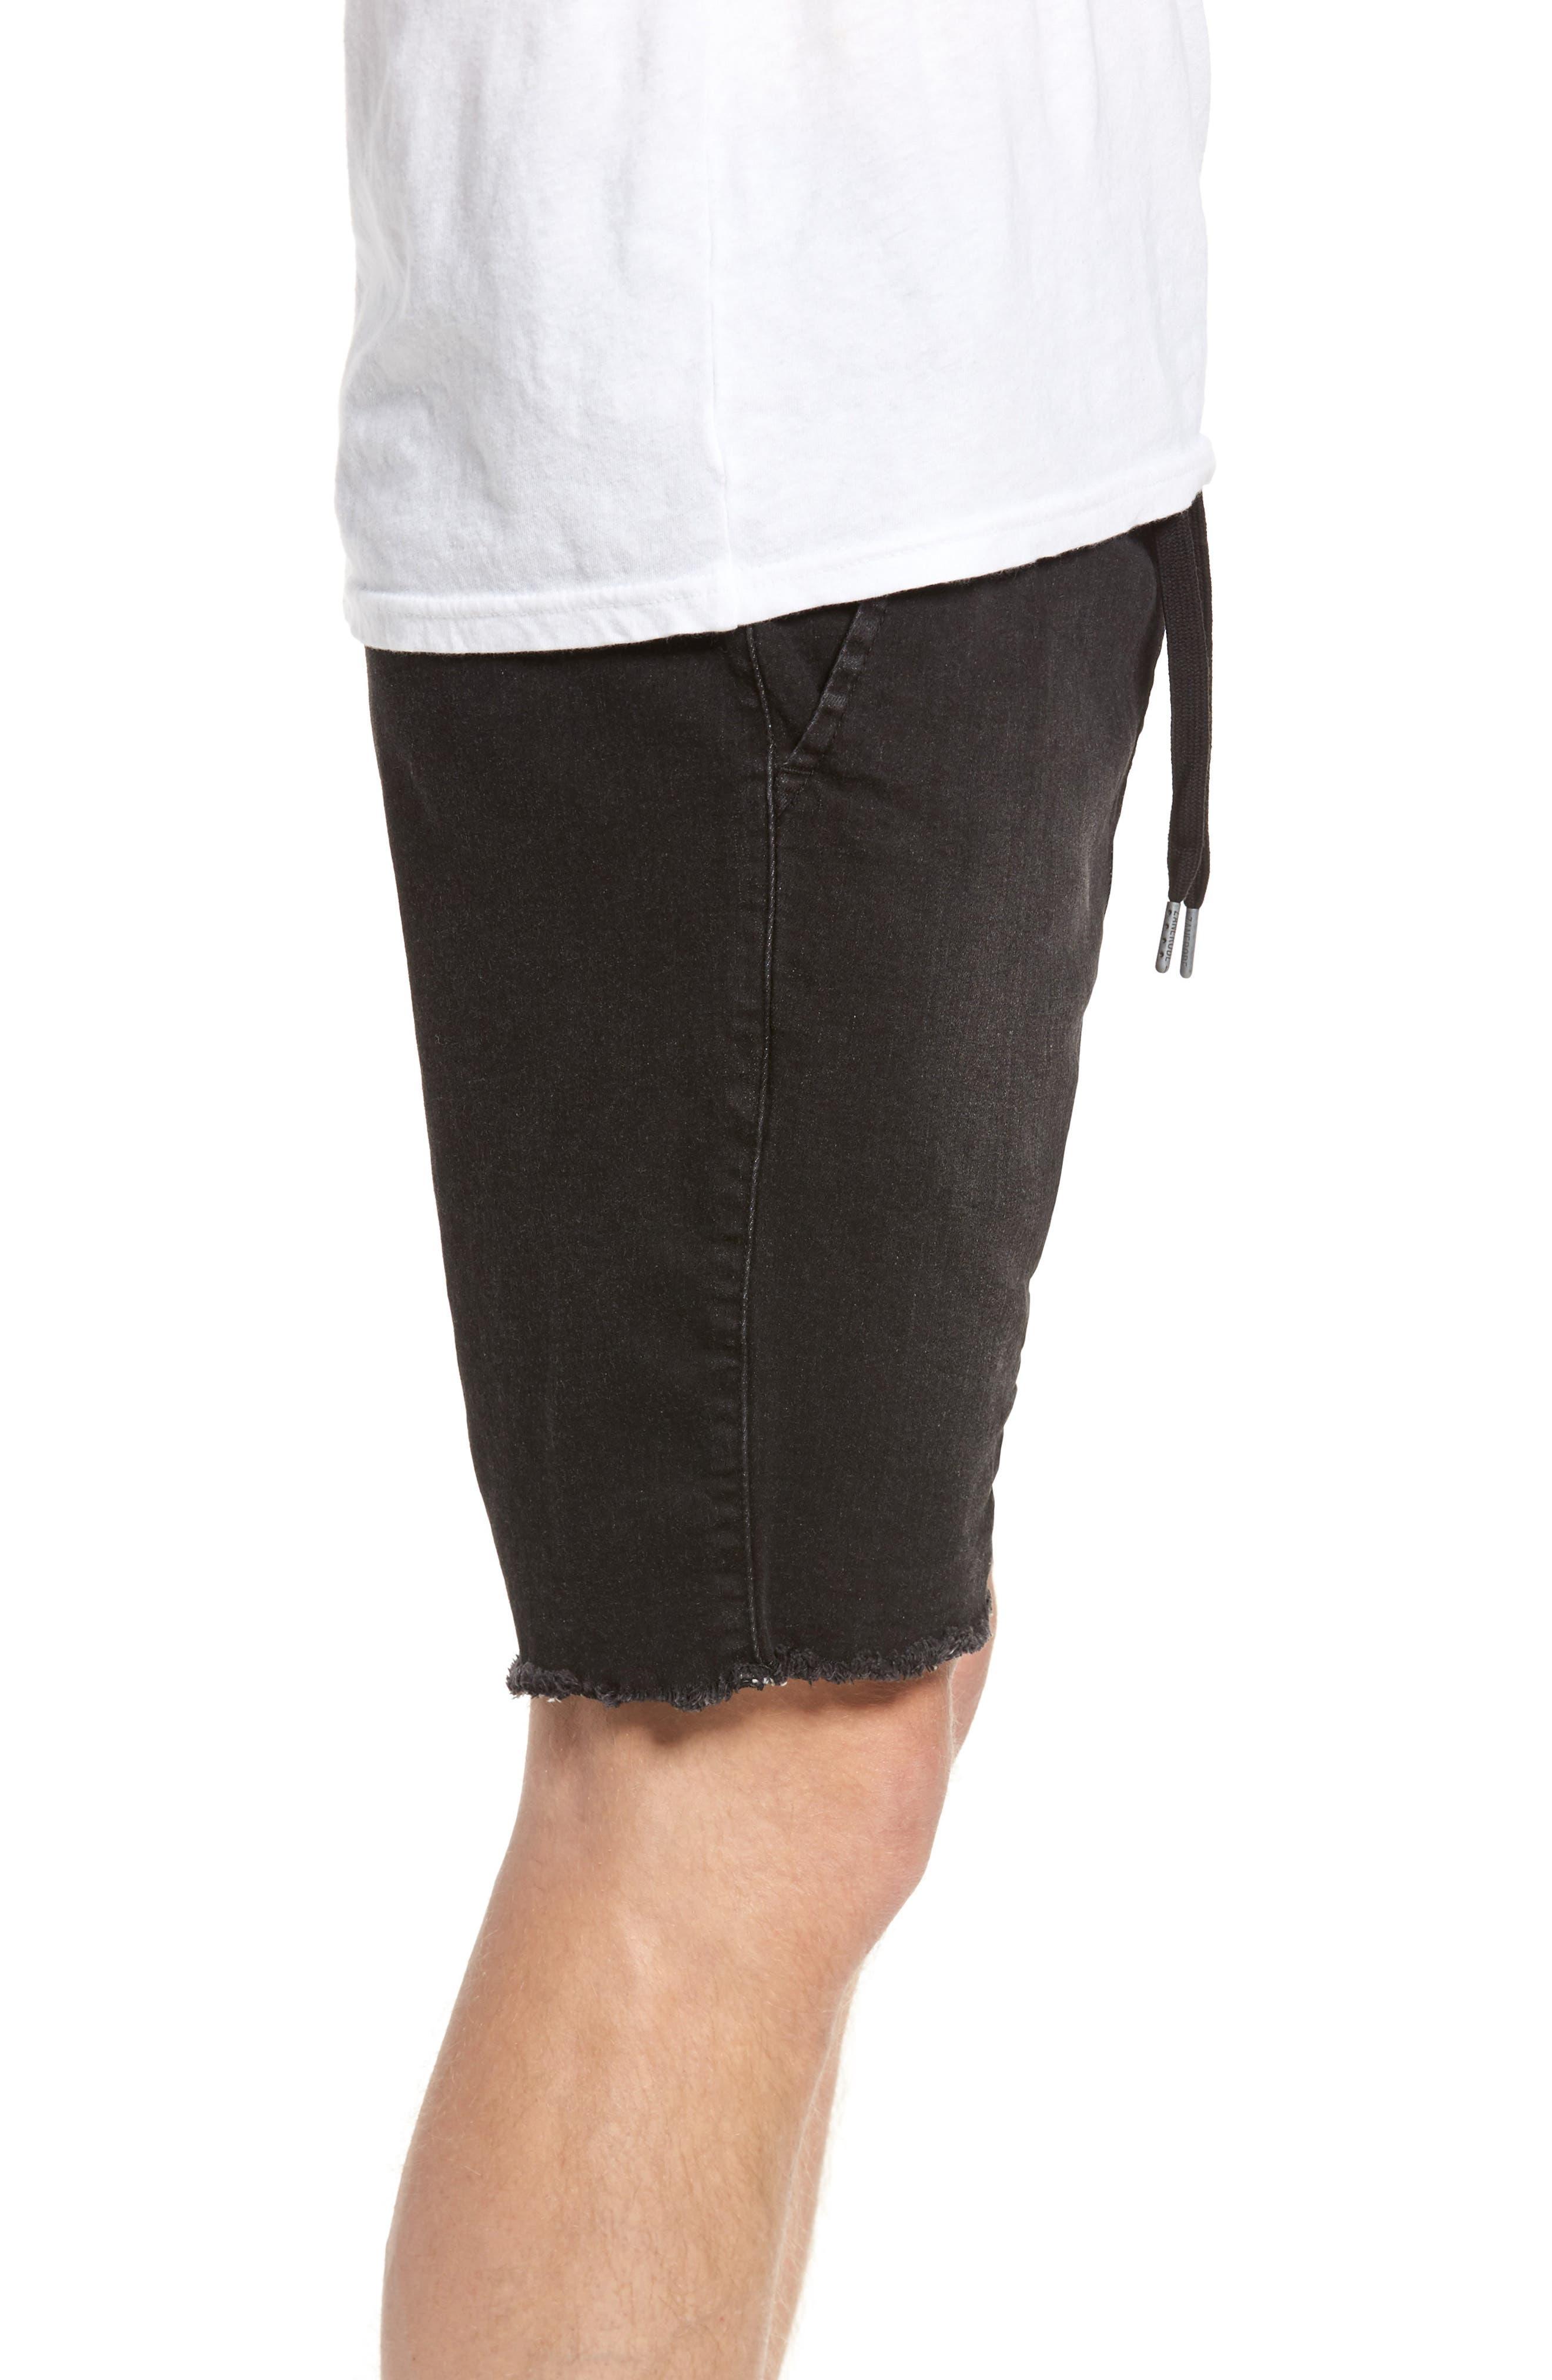 Sureshot Chino Shorts,                             Alternate thumbnail 3, color,                             BLACK WASH